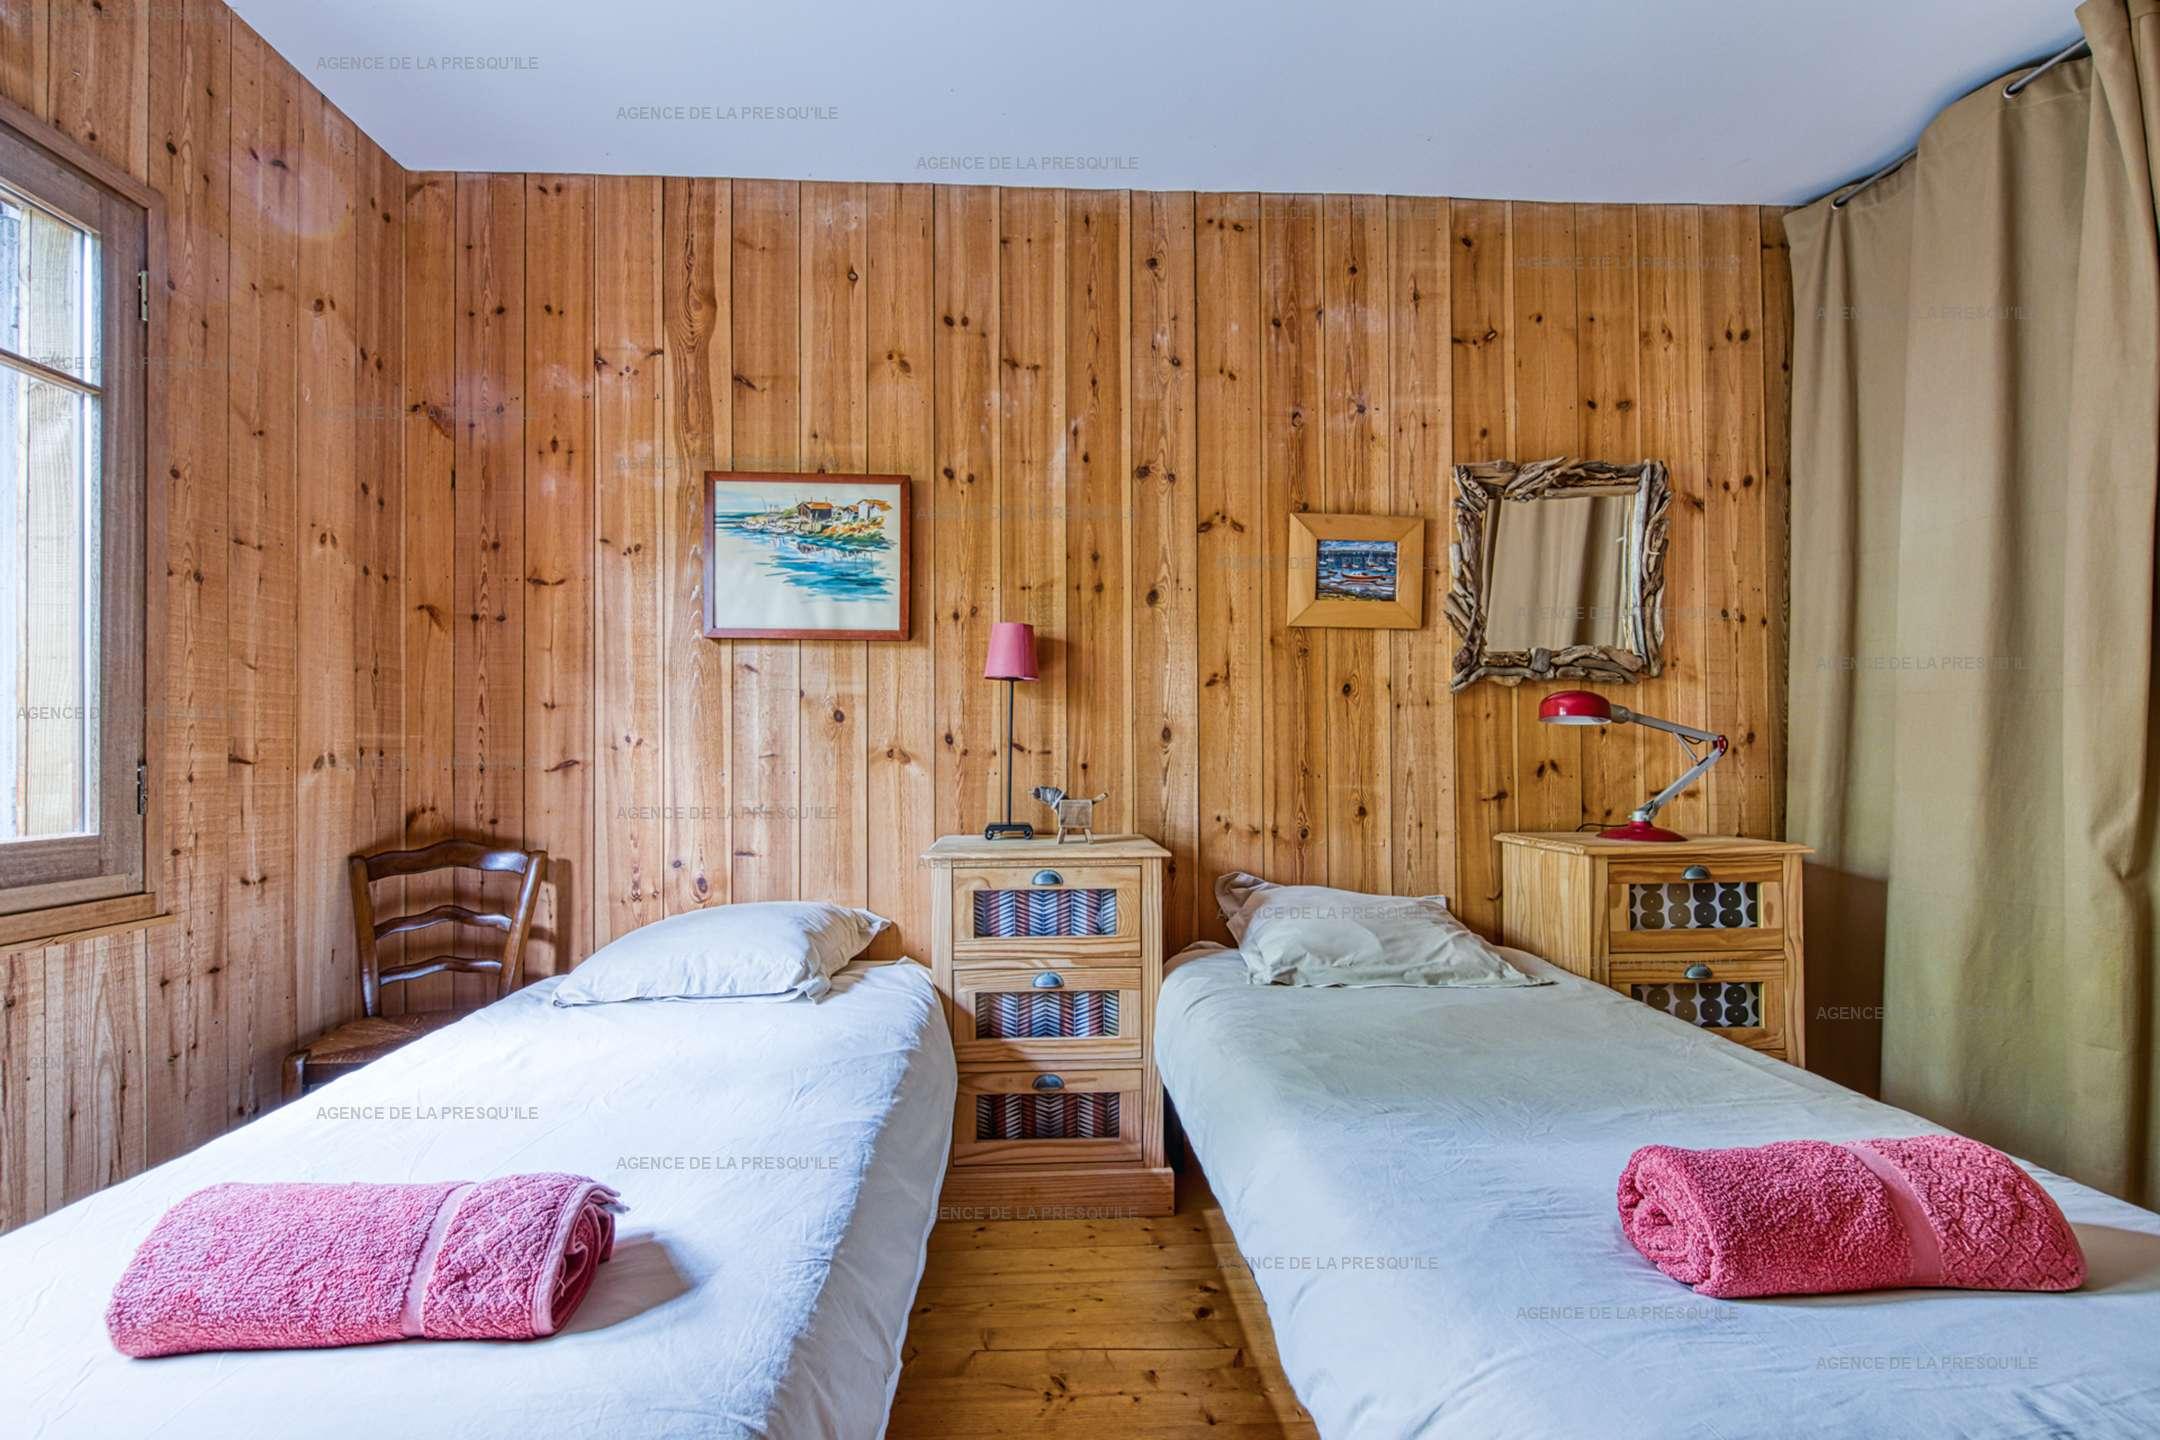 Location: Belle villa en bois au pied du phare 12